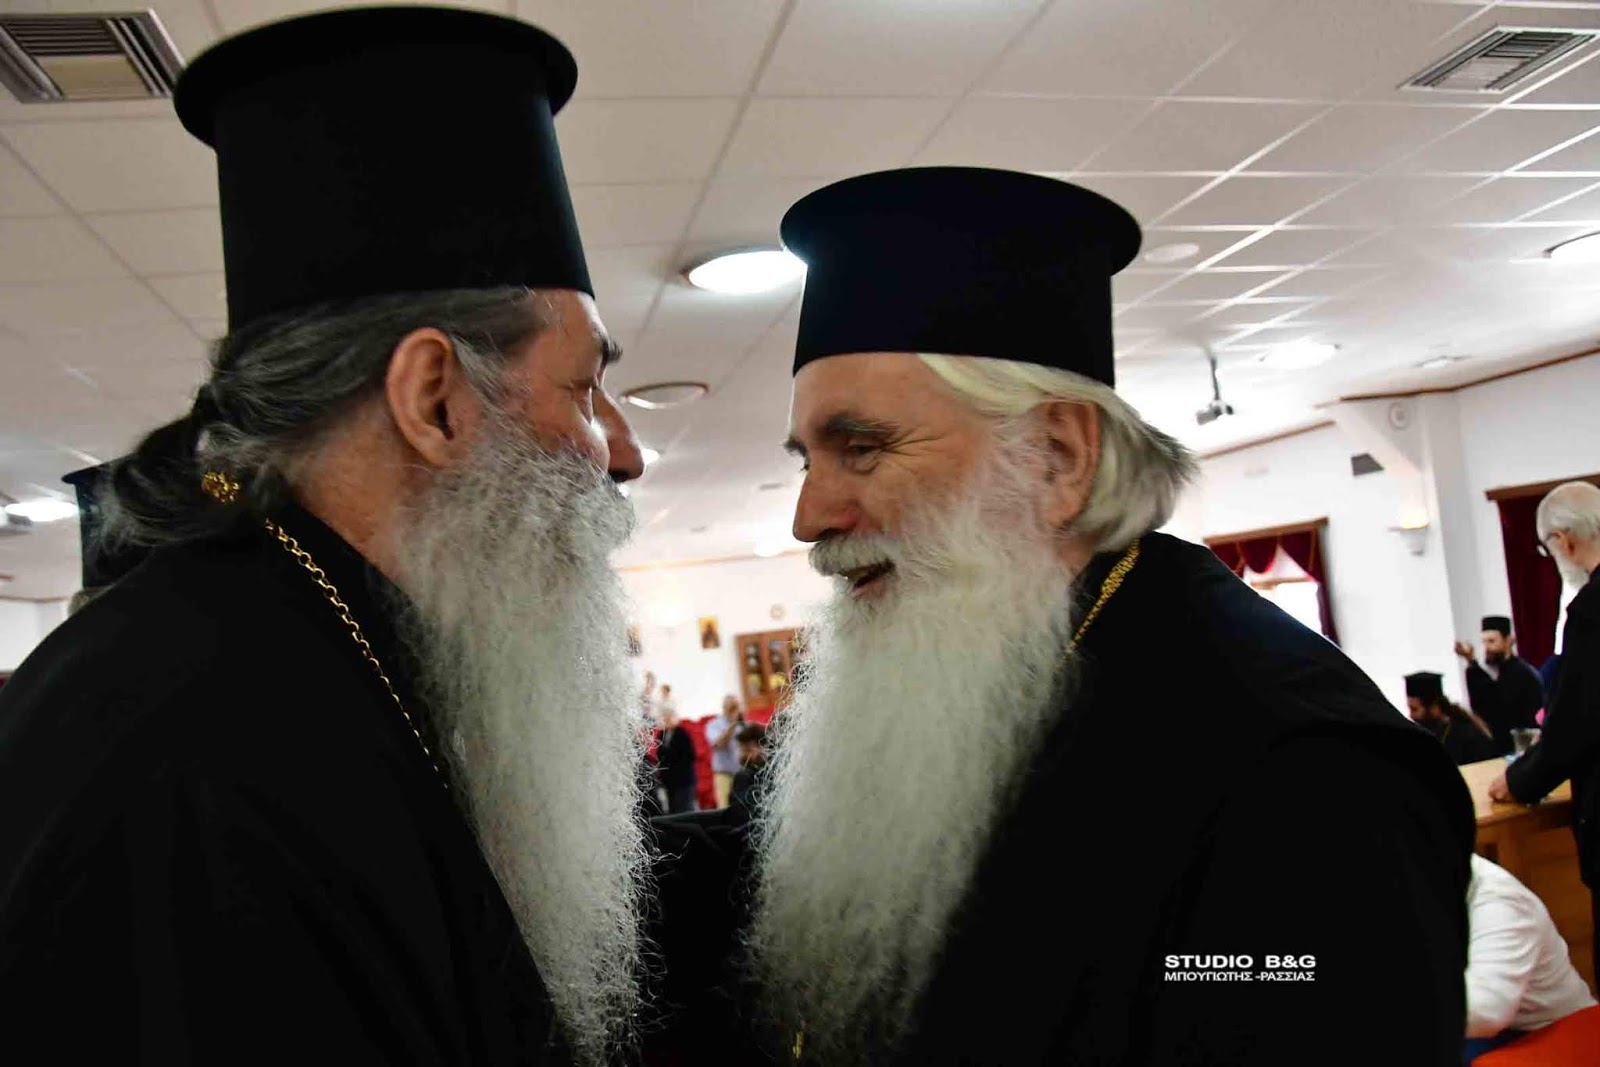 Ολοκληρώθηκε η Πανορθόδοξη συνδιάσκεψη για τις αιρέσεις και παραθρησκείες στην Αργολίδα